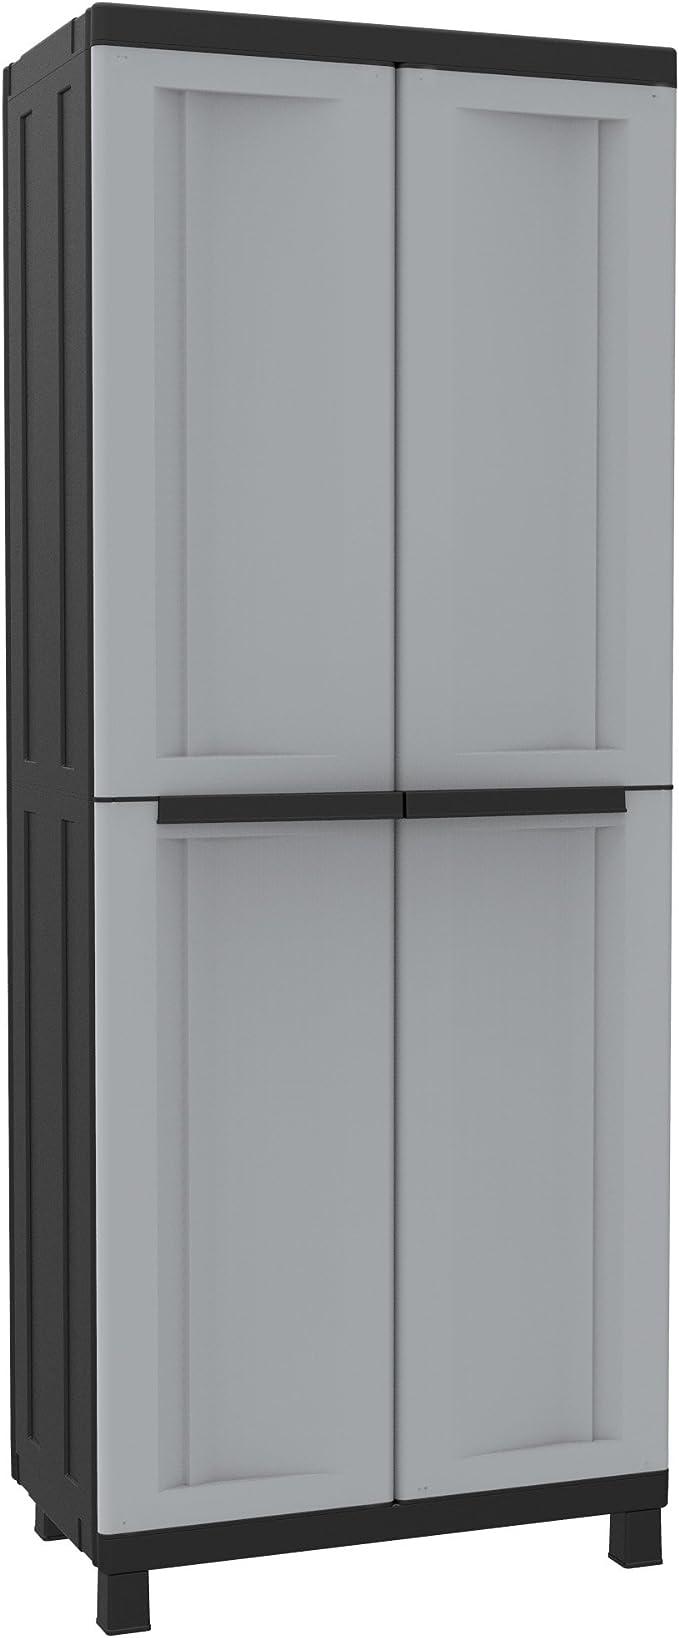 Terry Twist Black 3680 Armario 2 Puertas con Divisor Vertical y 3 baldas. Capacidad máxima del Estante: 10 kg distribuidos de Forma Uniforme, Gris/Negro, 68x39x170 cm: Amazon.es: Jardín